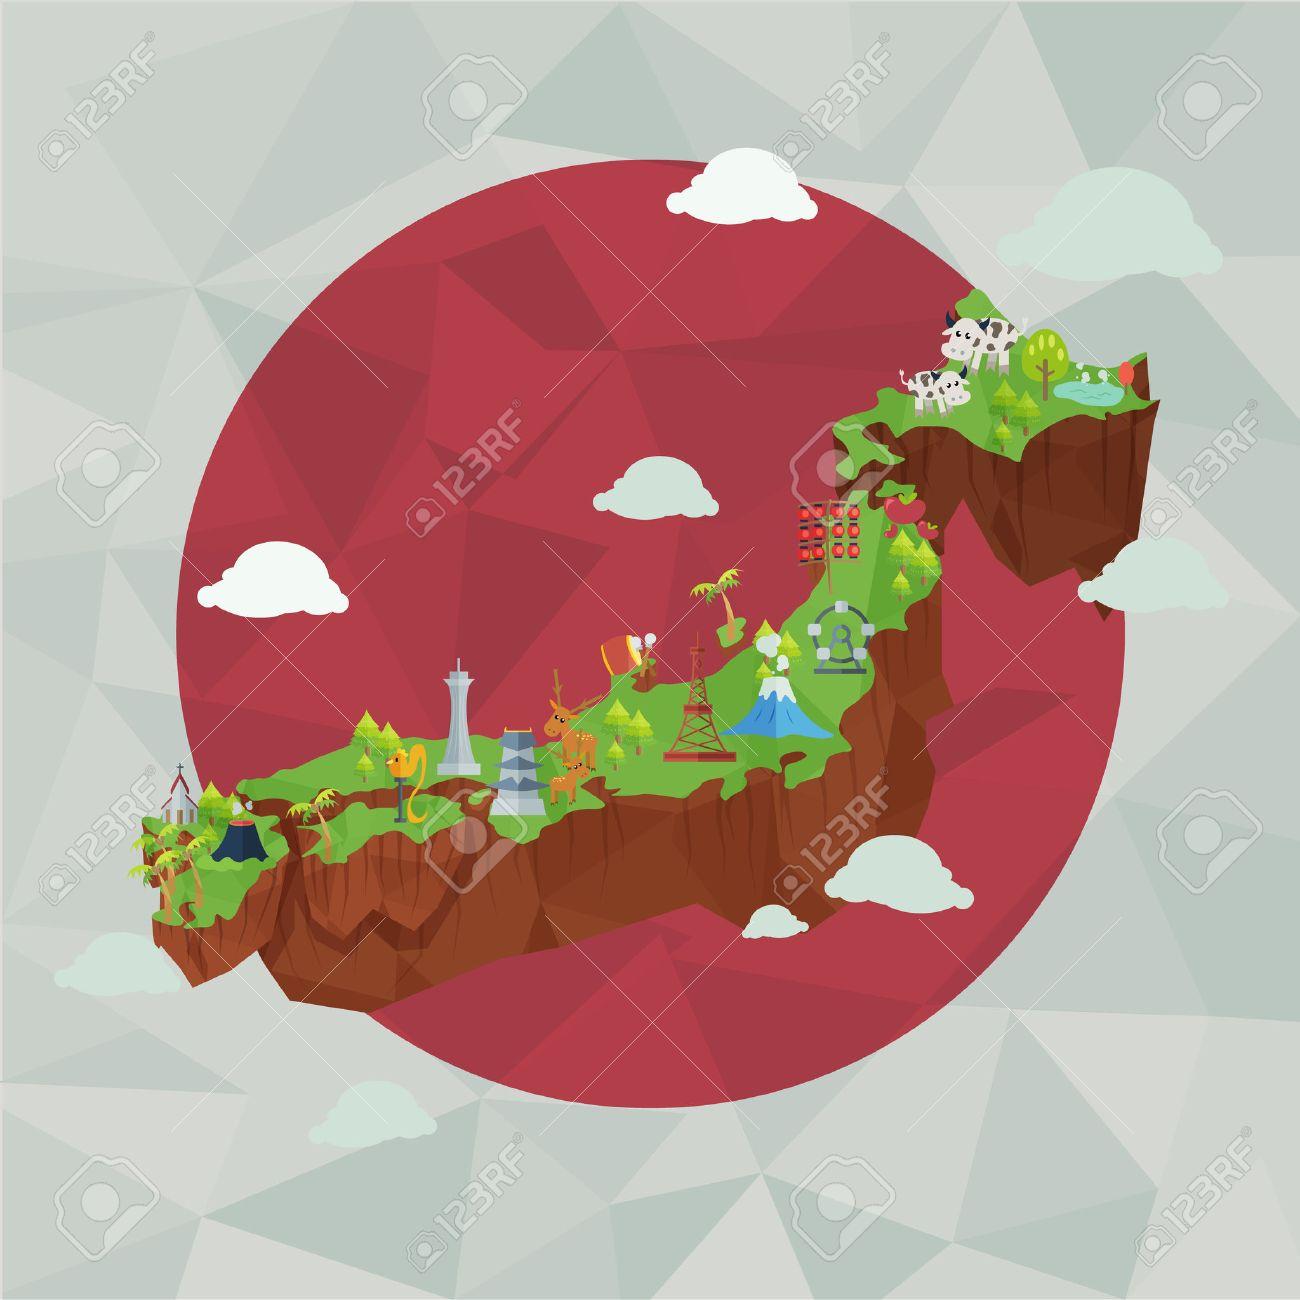 日本のかわいい地図、日本のランドマーク、文化。 ロイヤリティフリー